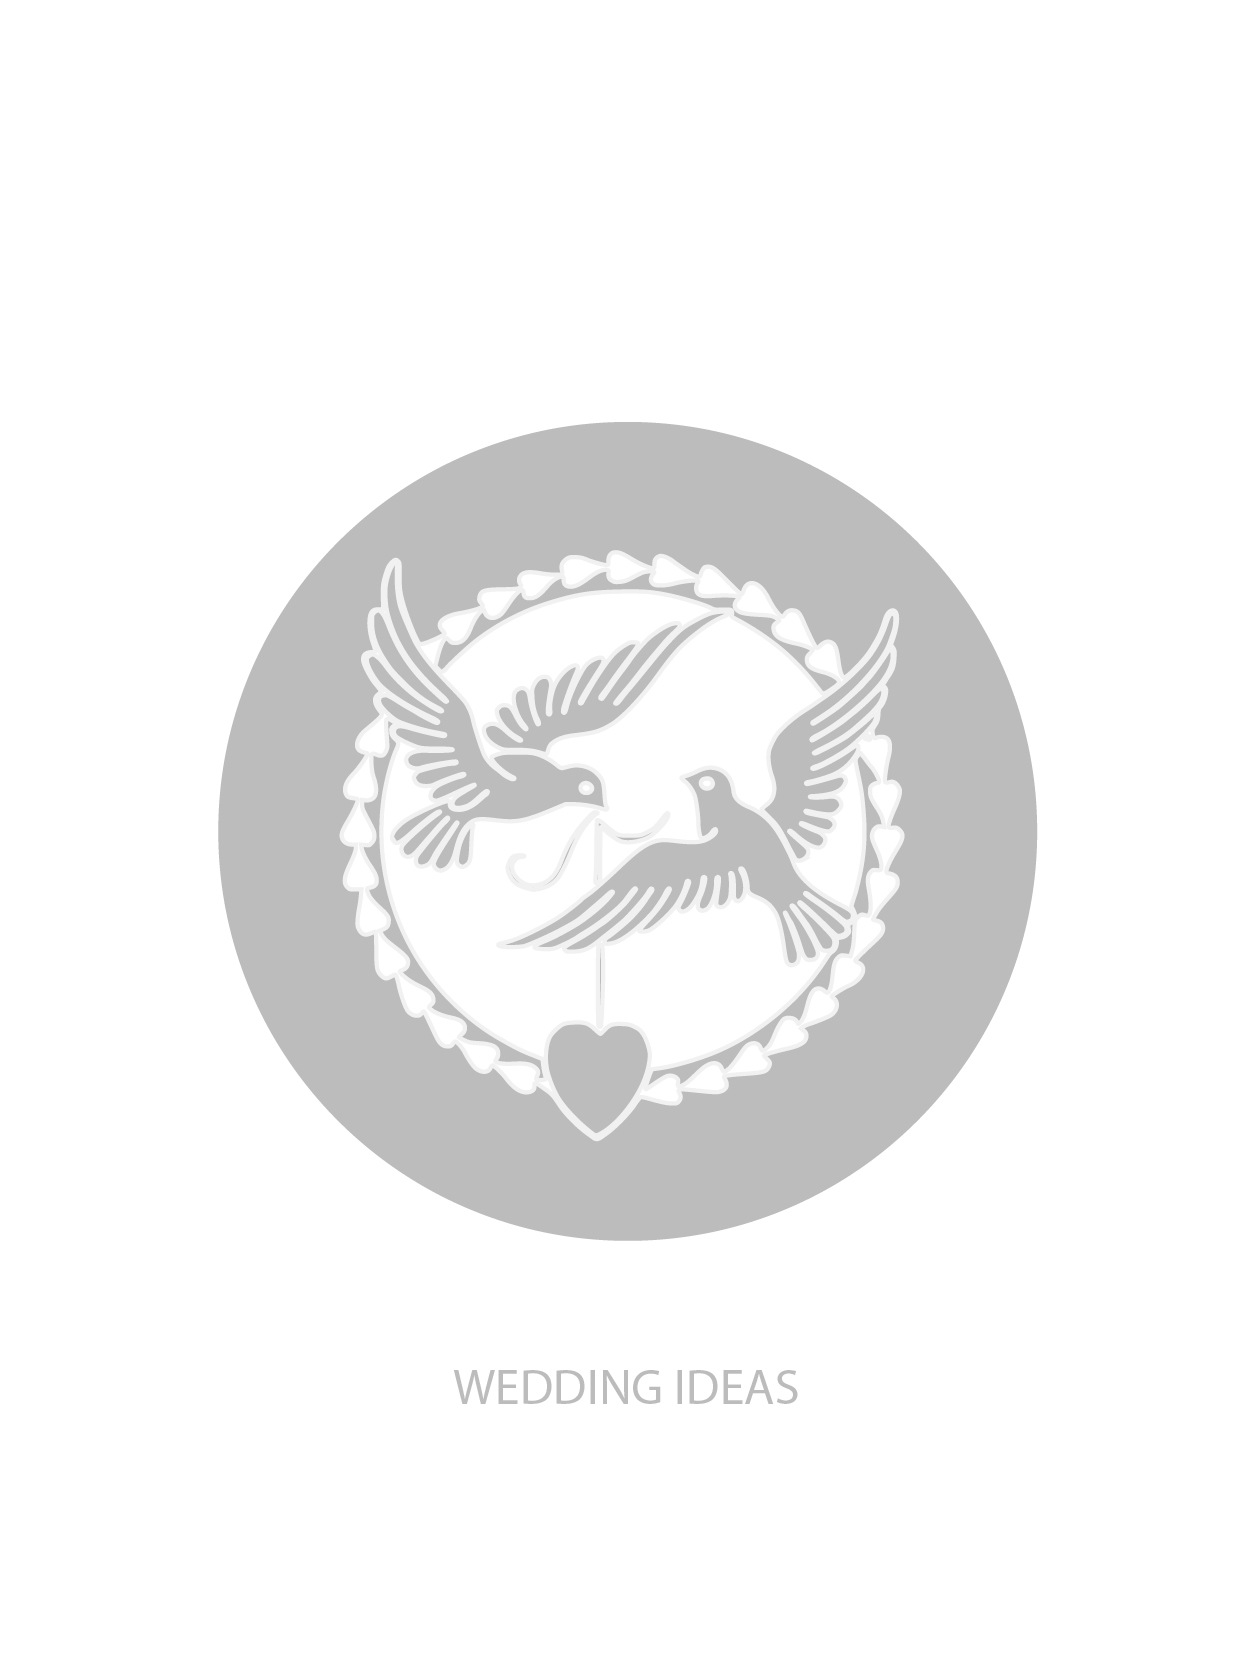 IDEAS-01